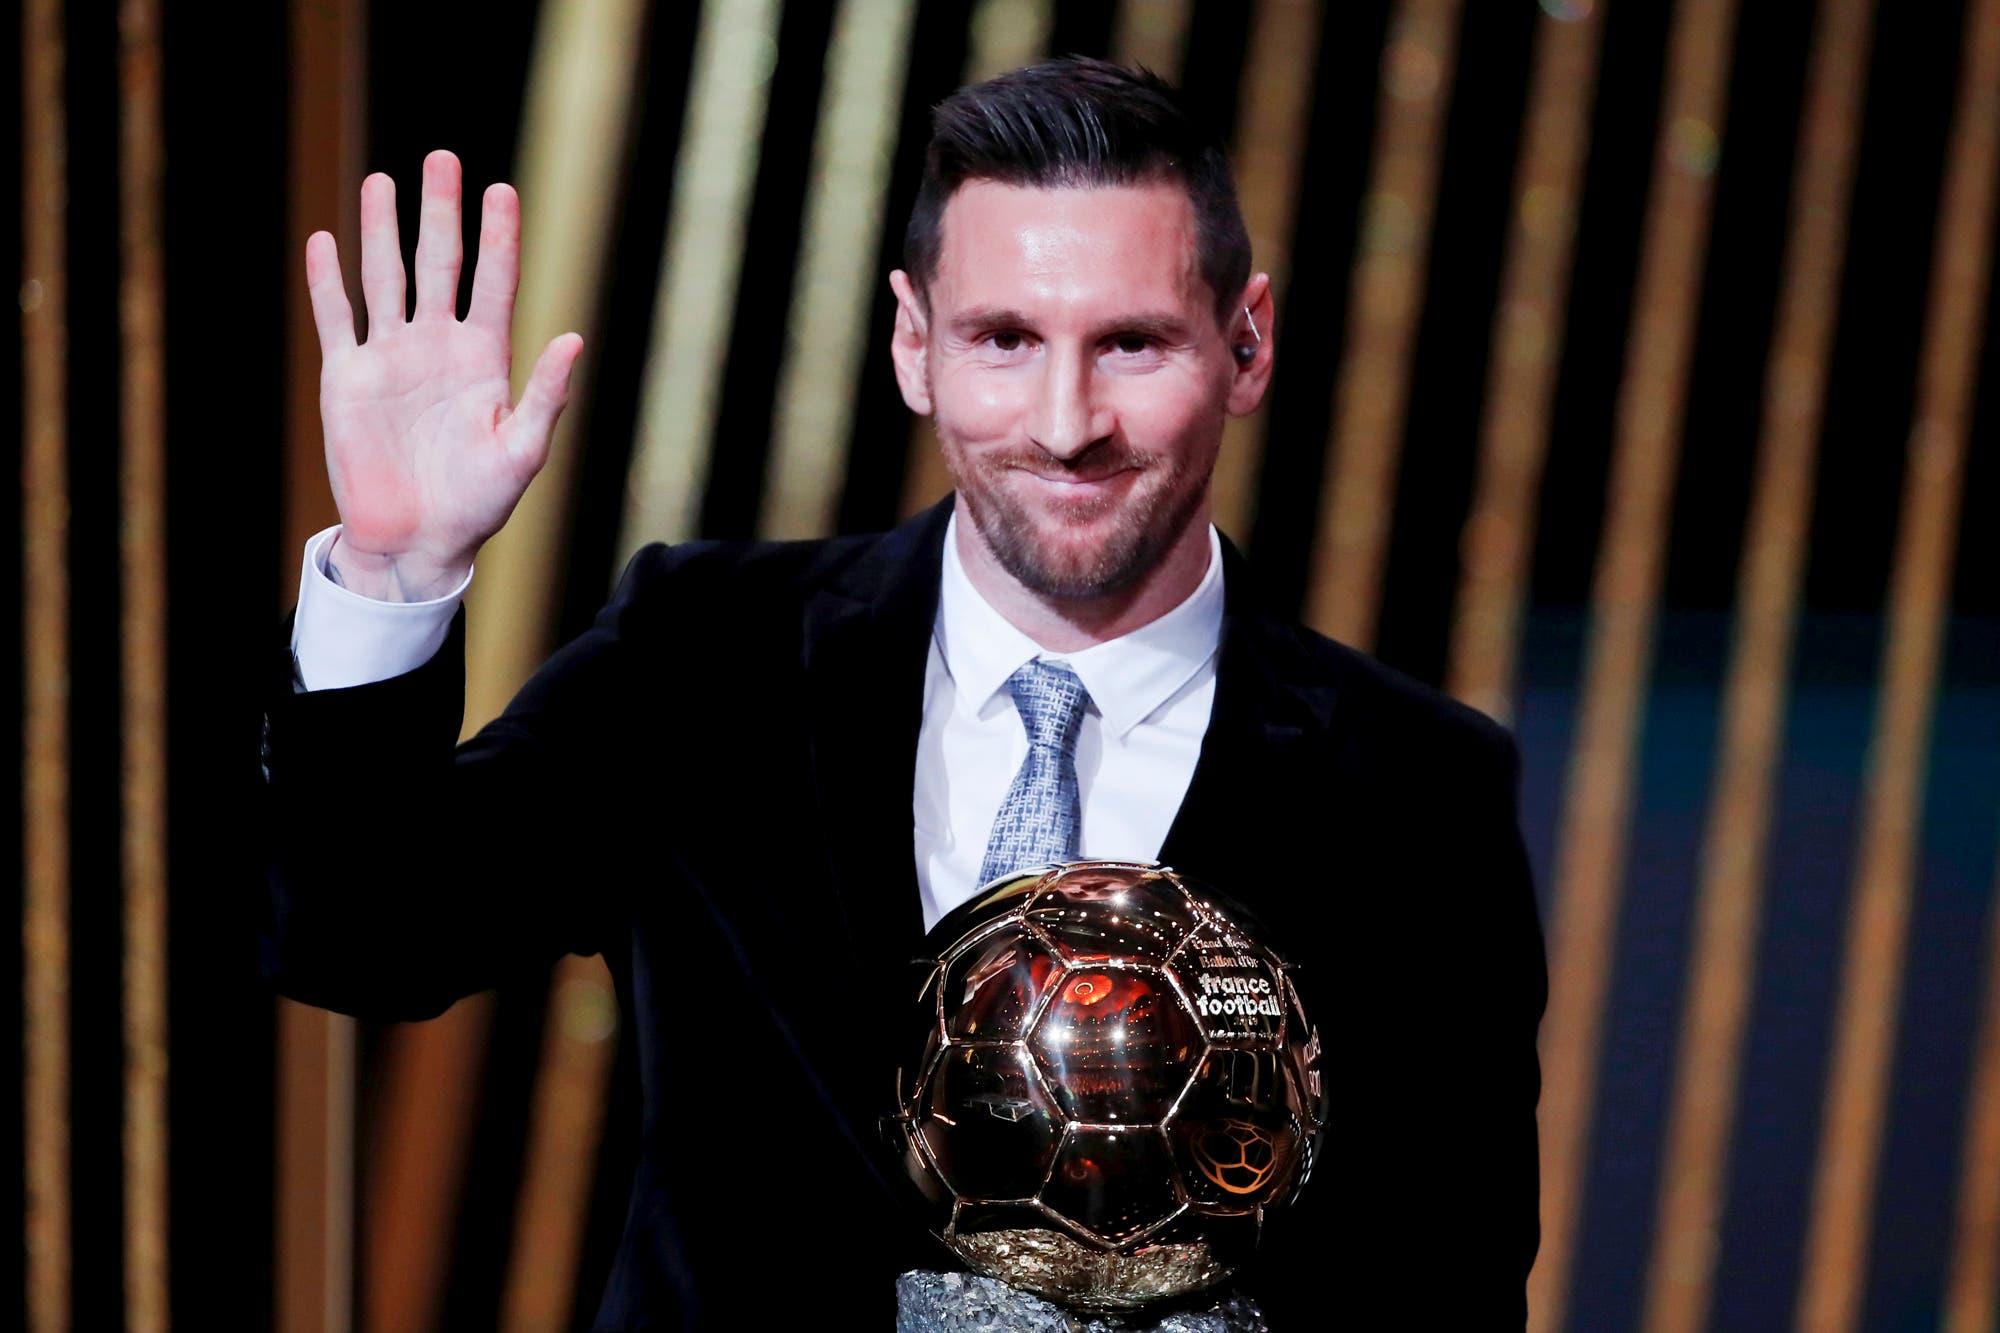 Balón de Oro: el discurso de Lionel Messi tras recibir el premio y la frase sorpresiva sobre su retiro